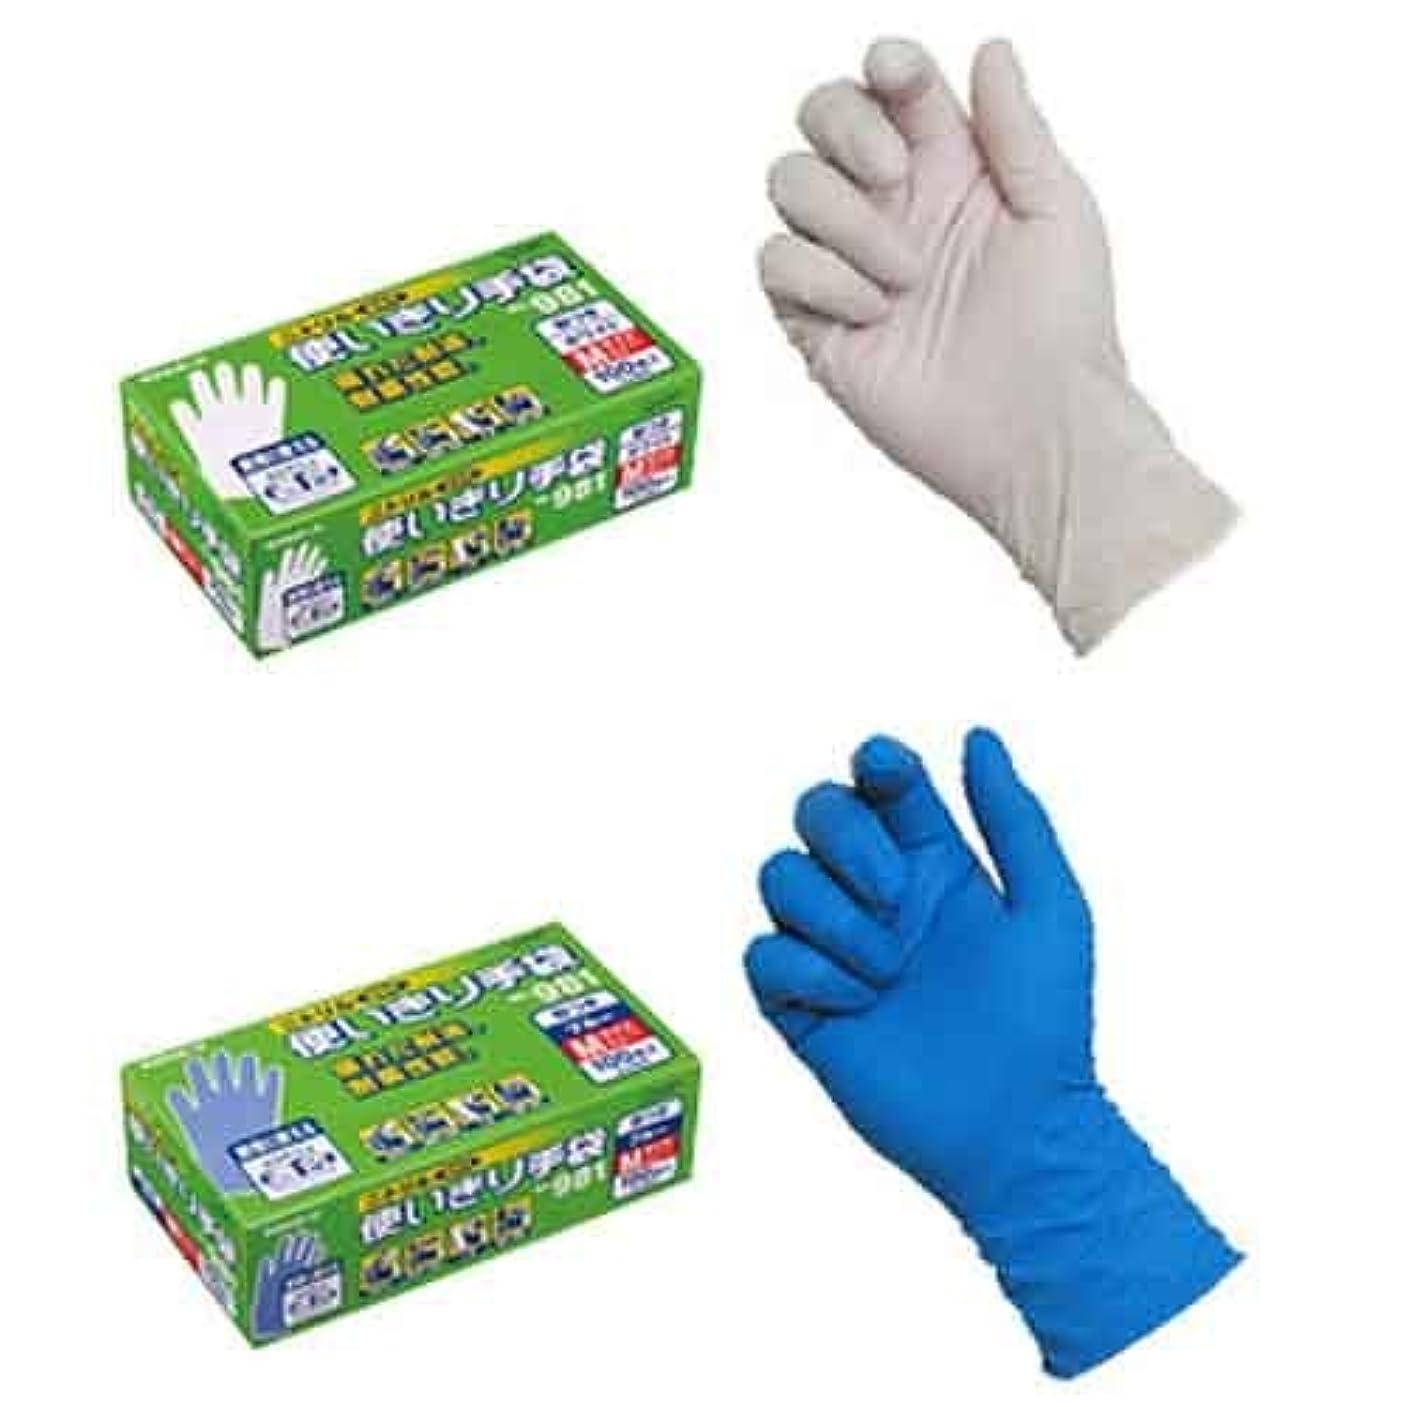 負浸透する精査するモデルローブNo981ニトリル使いきり手袋粉つき100枚ブルーSS